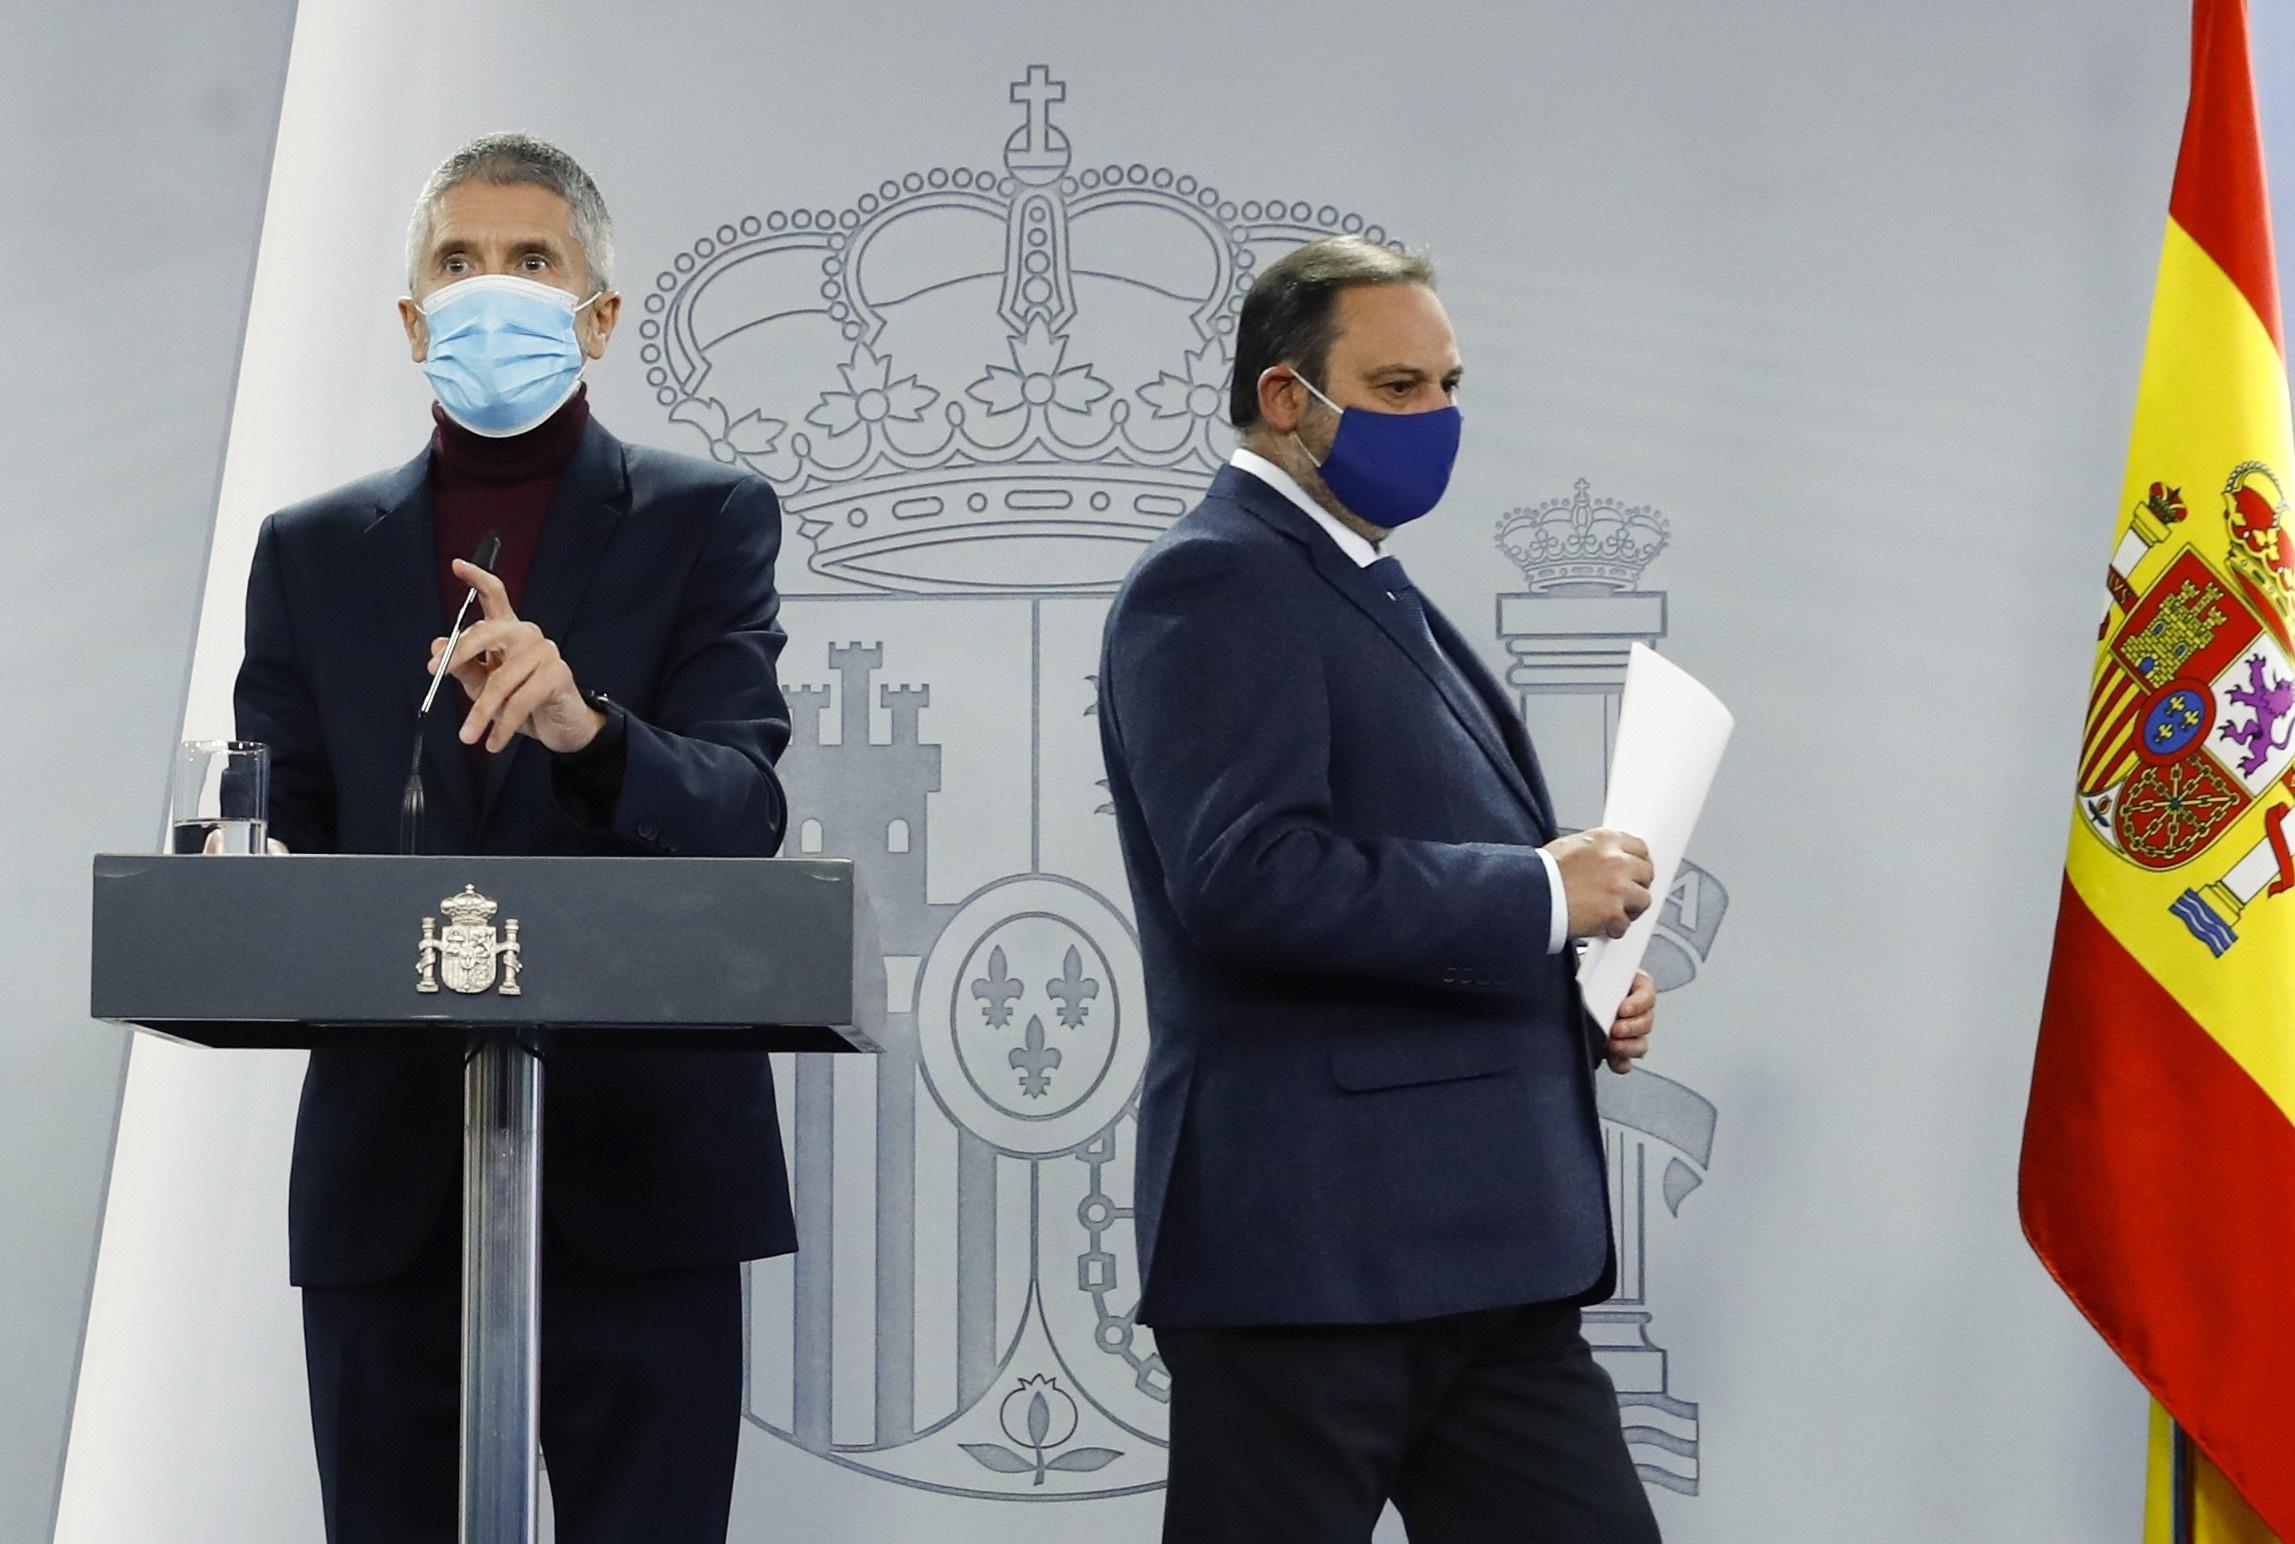 Los ministros Fernando Grande-Marlaska (Interior) y José Luis Ábalos (Transportes) en una rueda de prensa para informar sobre el temporal Filomena, el 11 de enero de 2021 | EFE/Ballesteros/Archivo